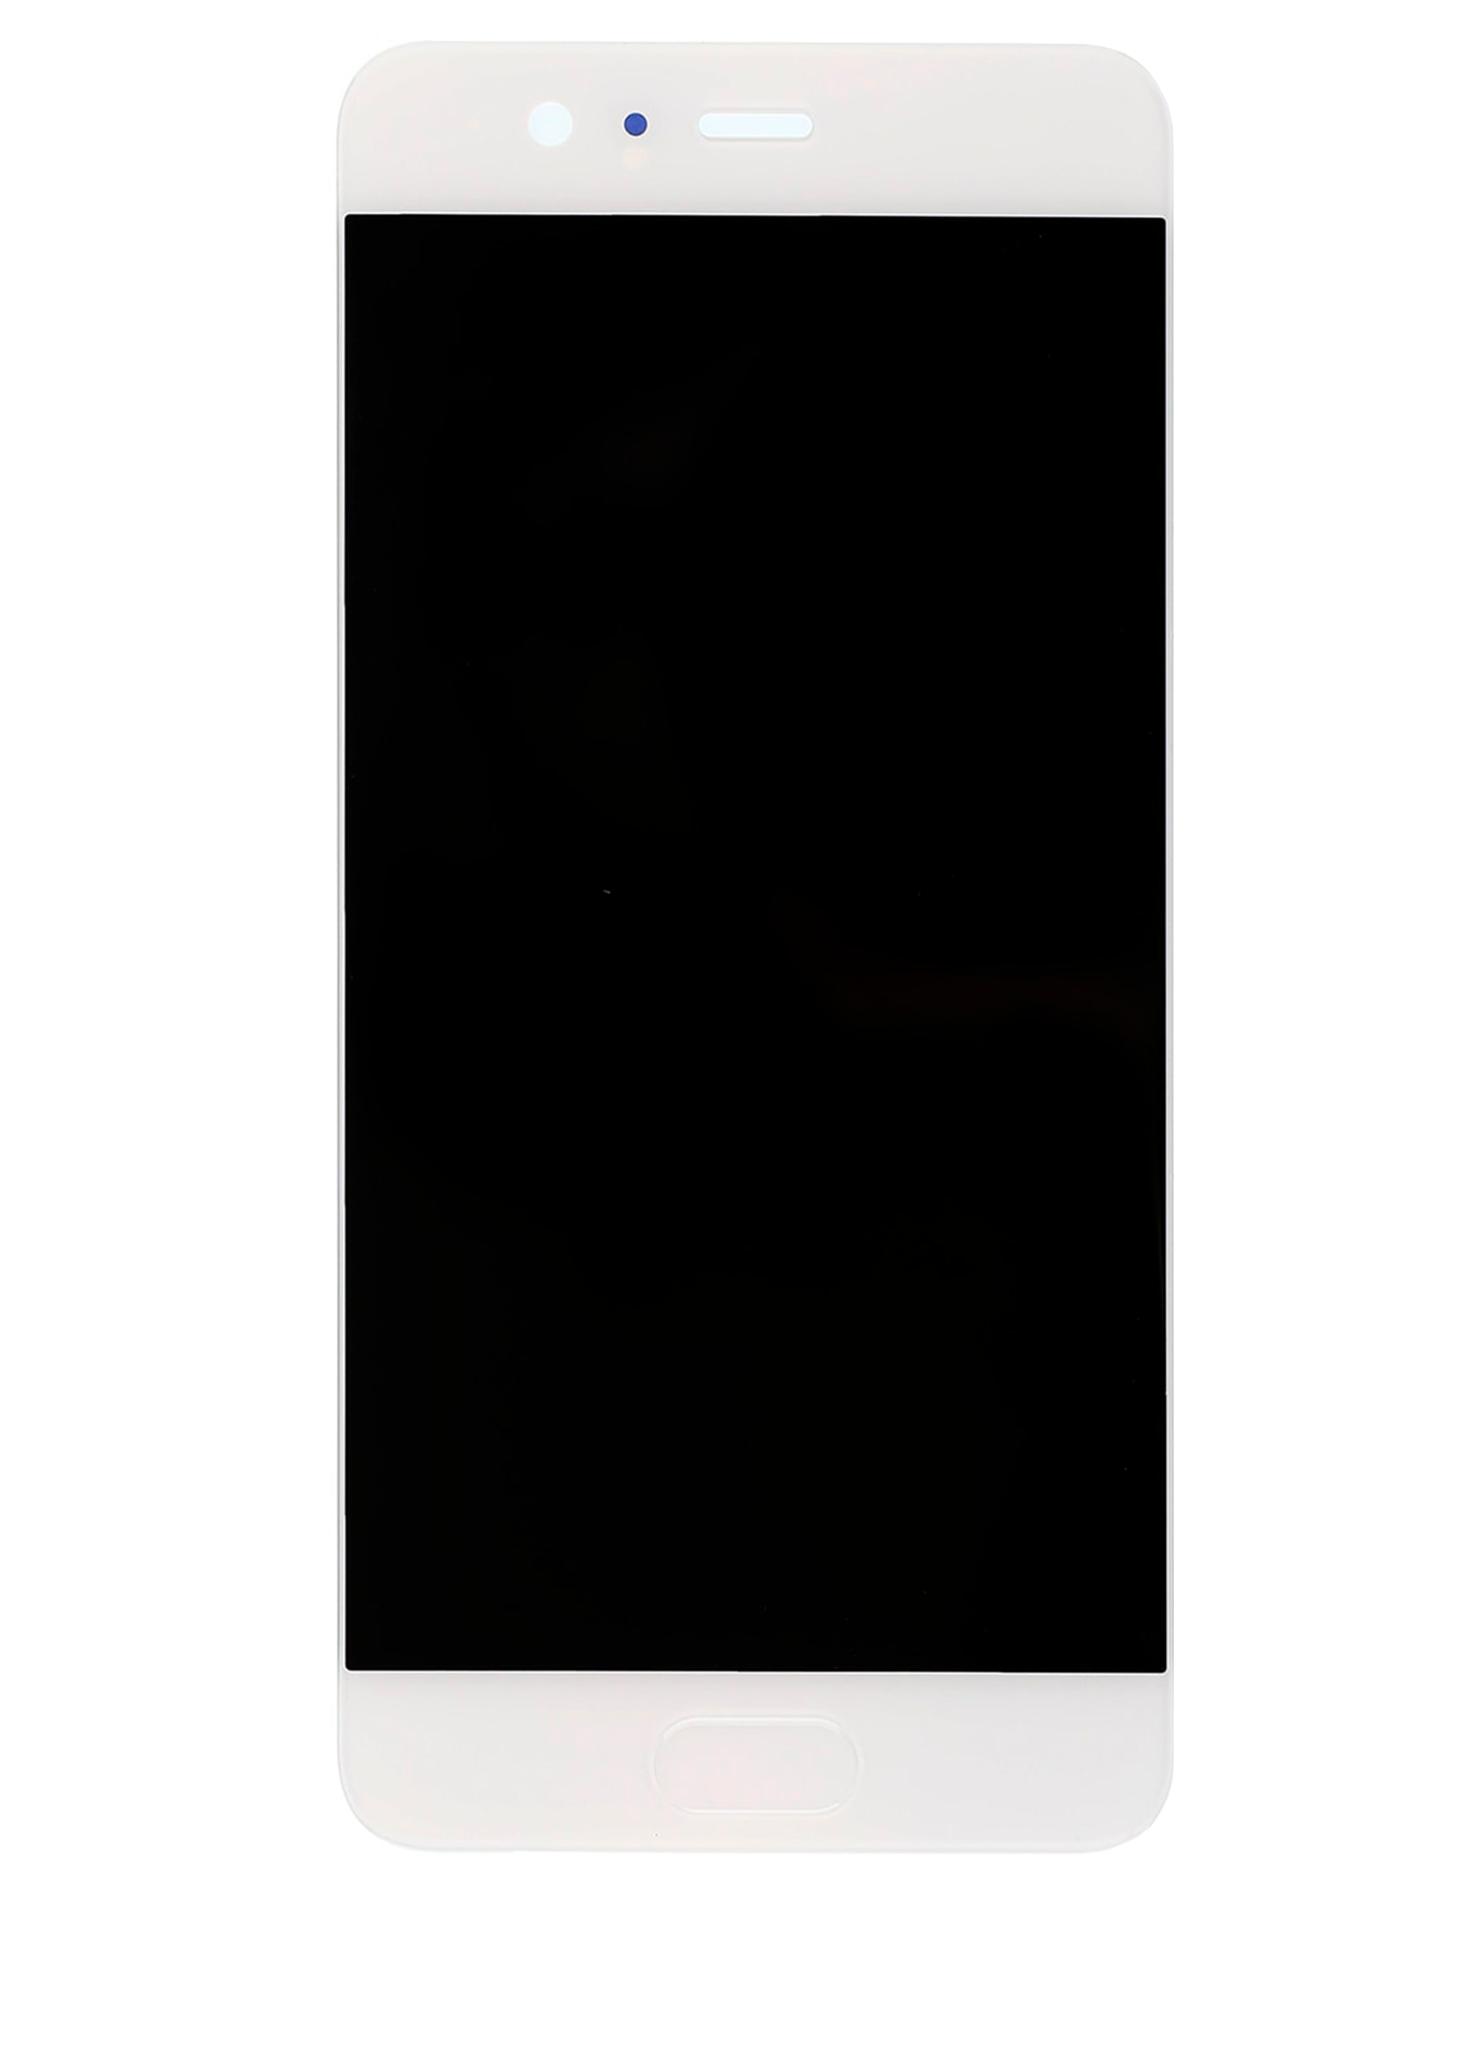 Huawei P10 VTR-L09 Display Module + Frame White Original